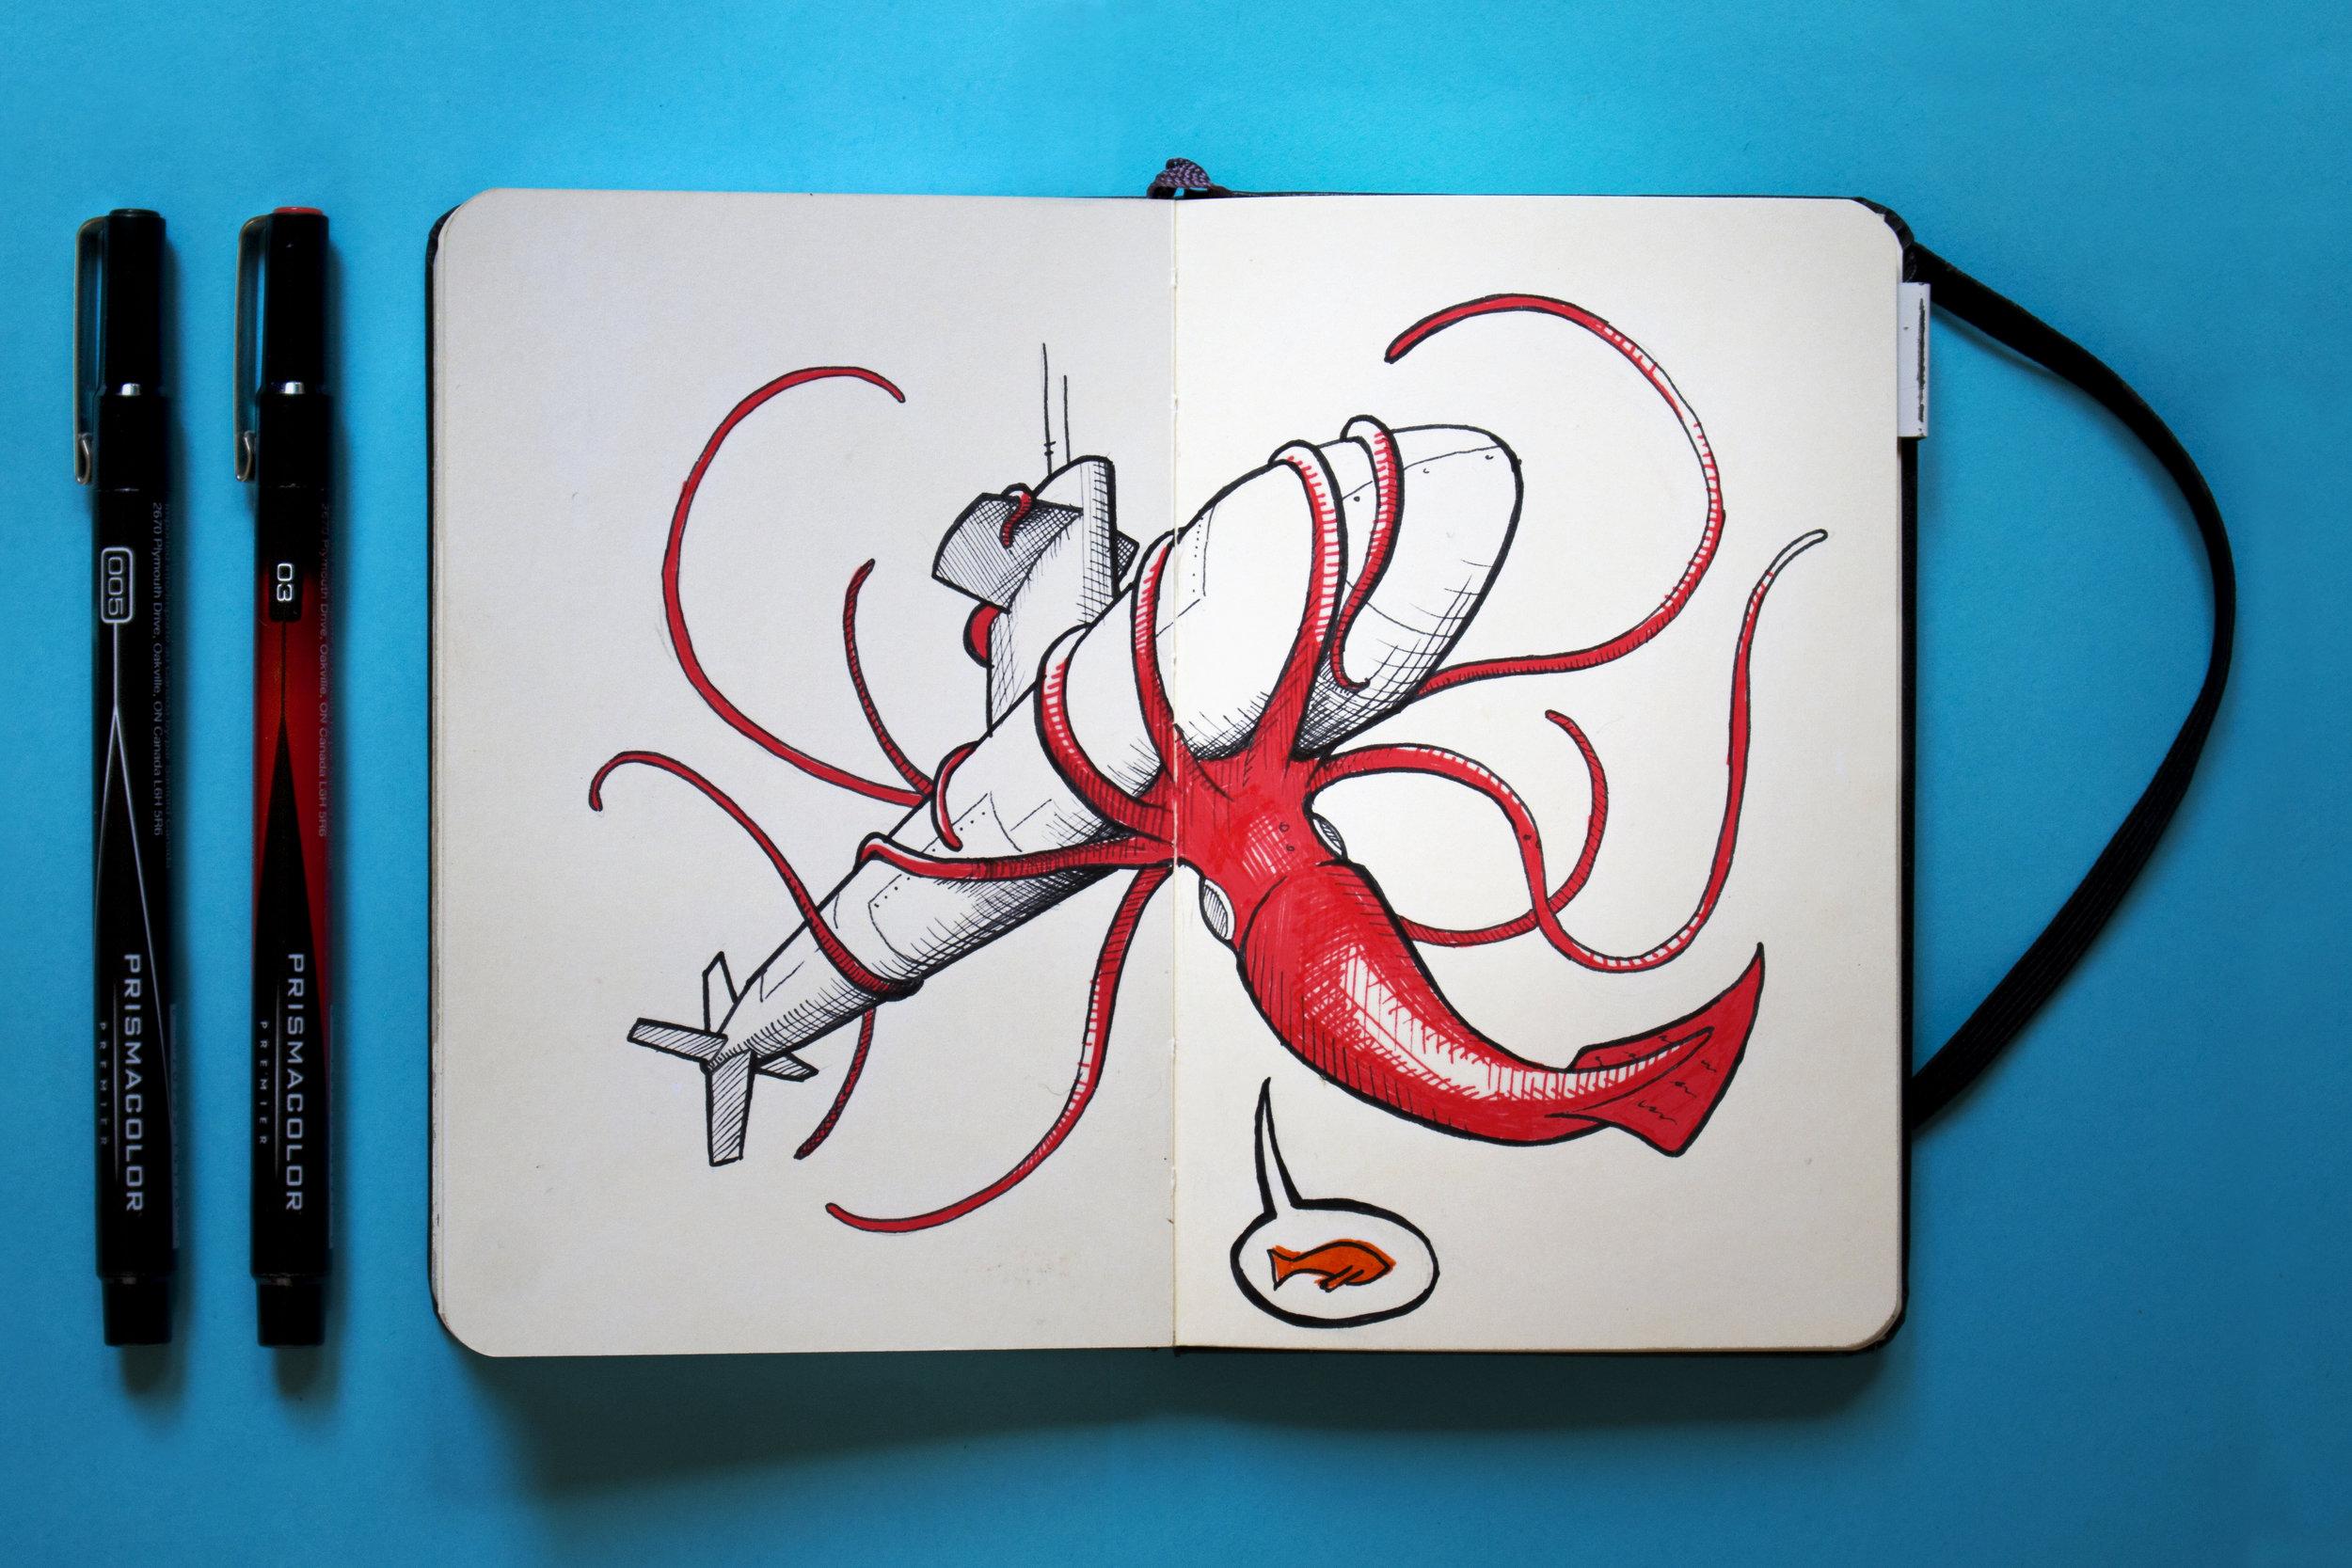 2017-08-22_Squid Sketchbook 2_FINAL.jpg